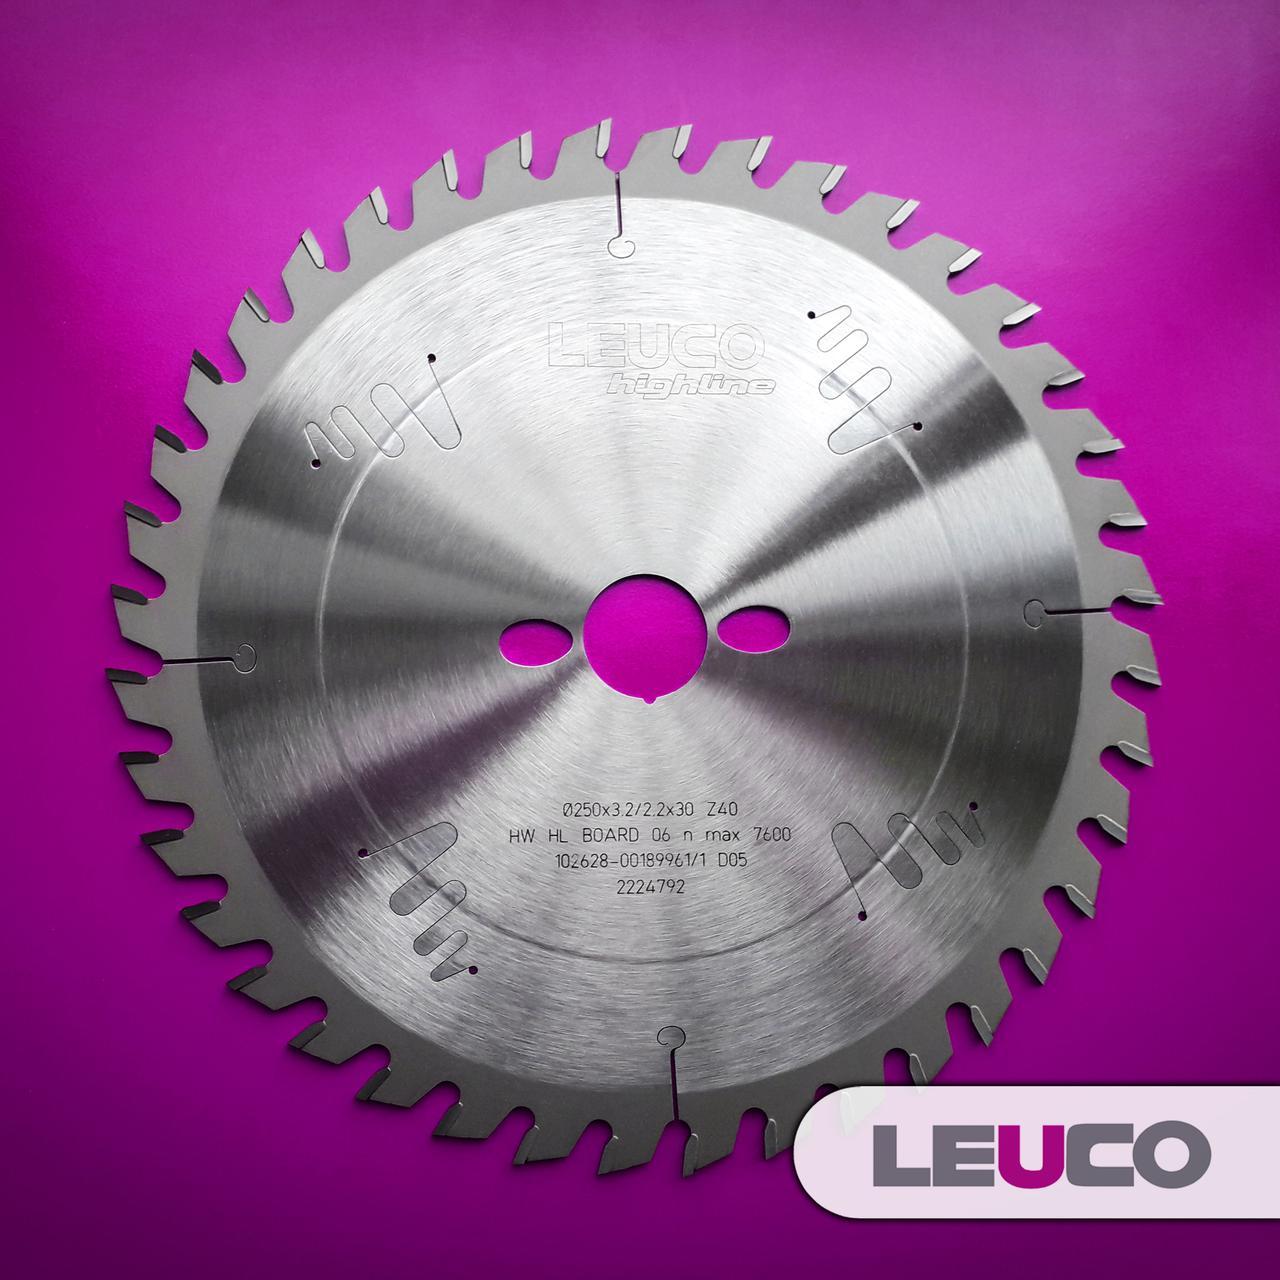 Универсальные дисковые пилы по дереву Leuco для торцовки и продольного реза, 250x3,2x2,2x30 Z=40